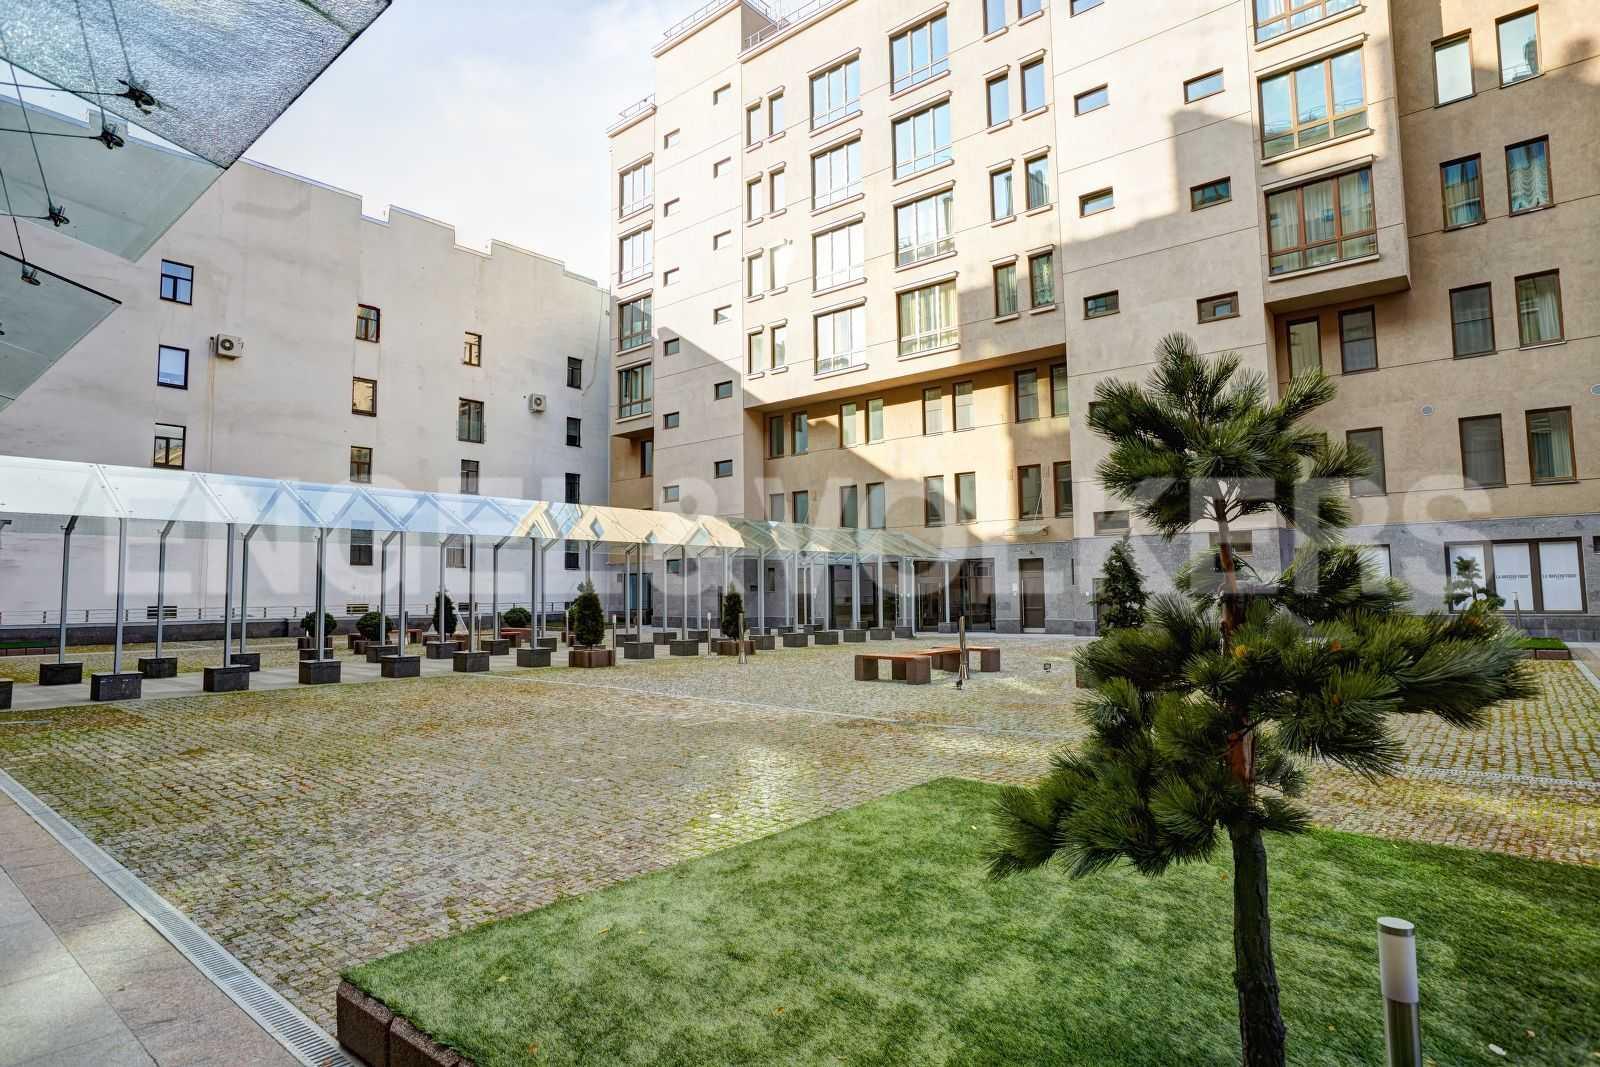 Элитные квартиры в Центральном районе. Санкт-Петербург, Тверская, 1А. Внутренняя территория комплекса